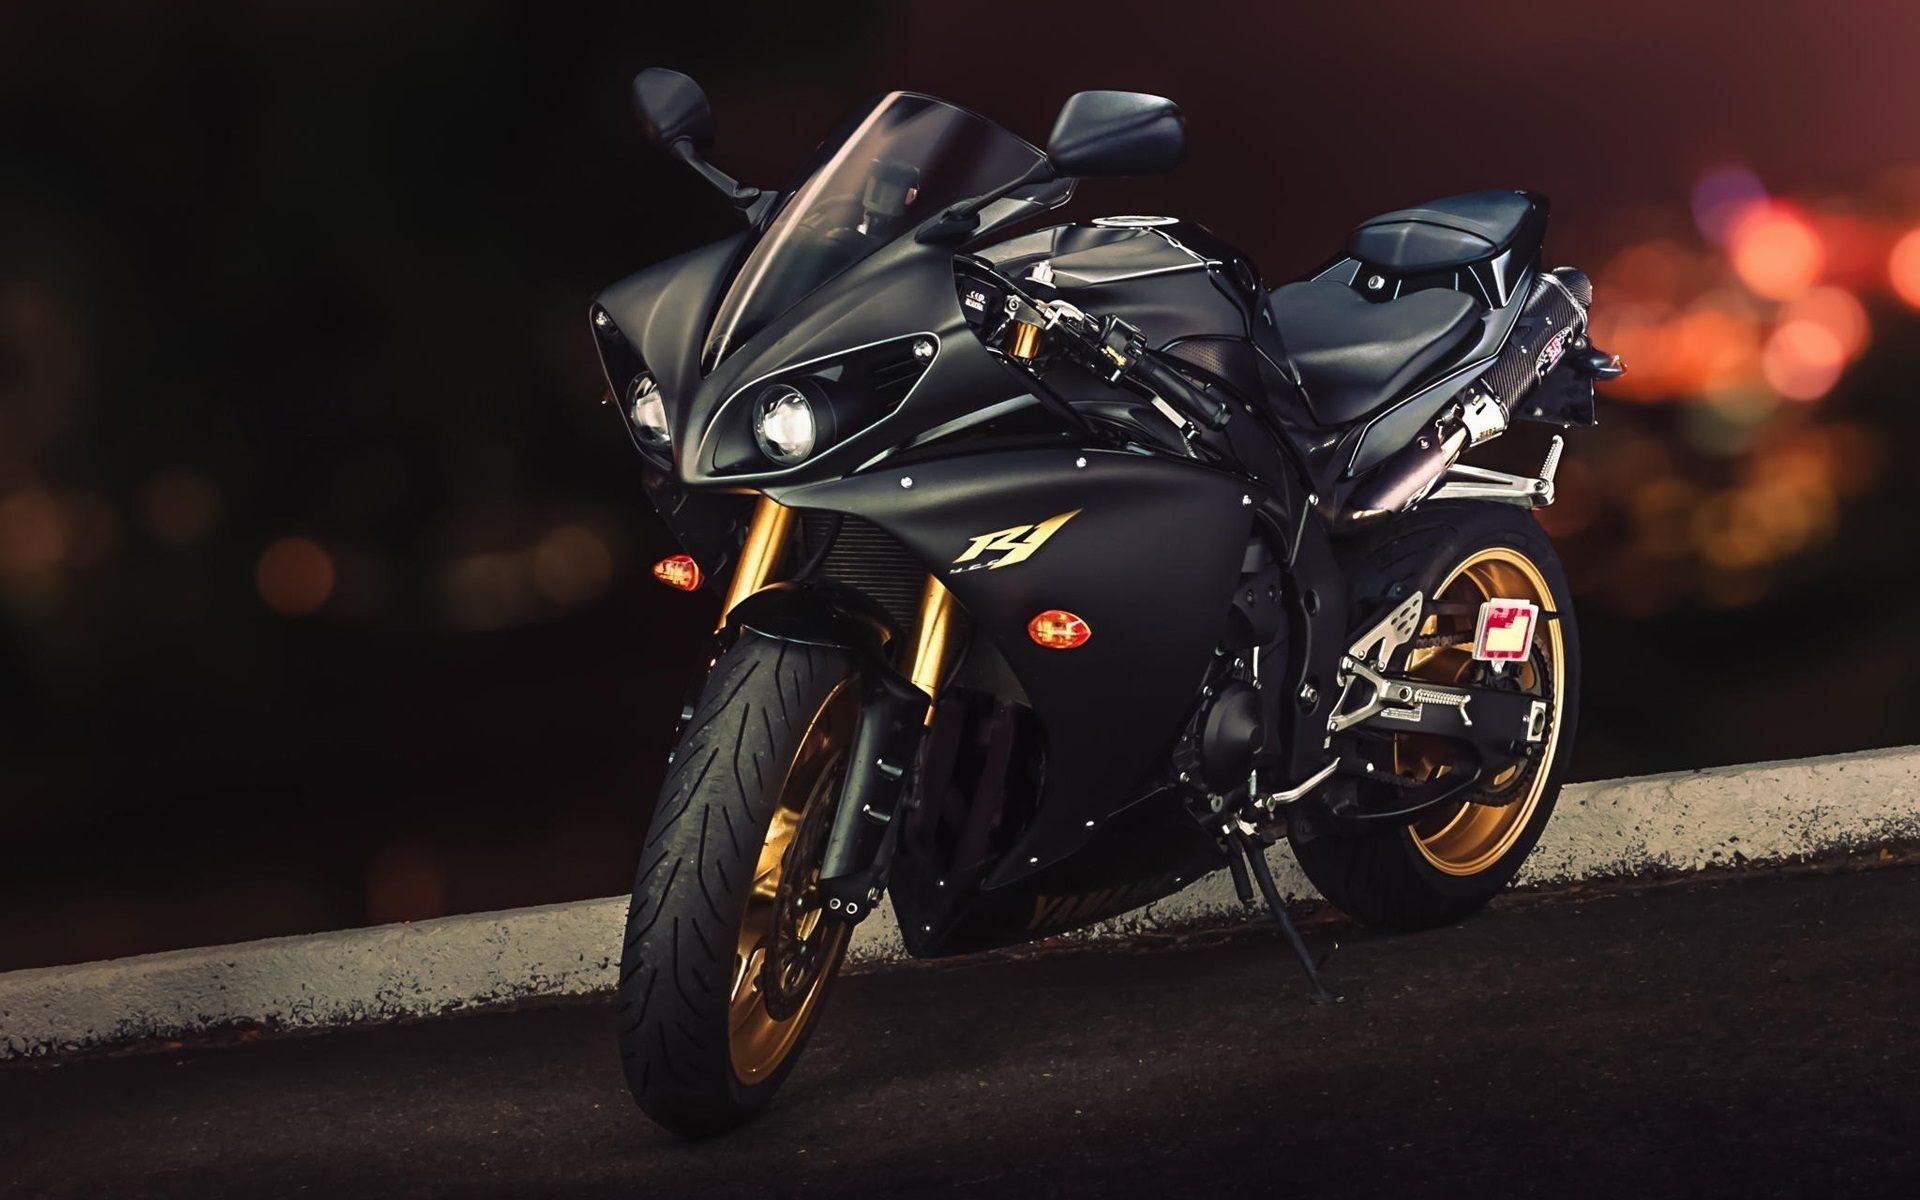 Yamaha R1M Cafe Racer Wallpaper